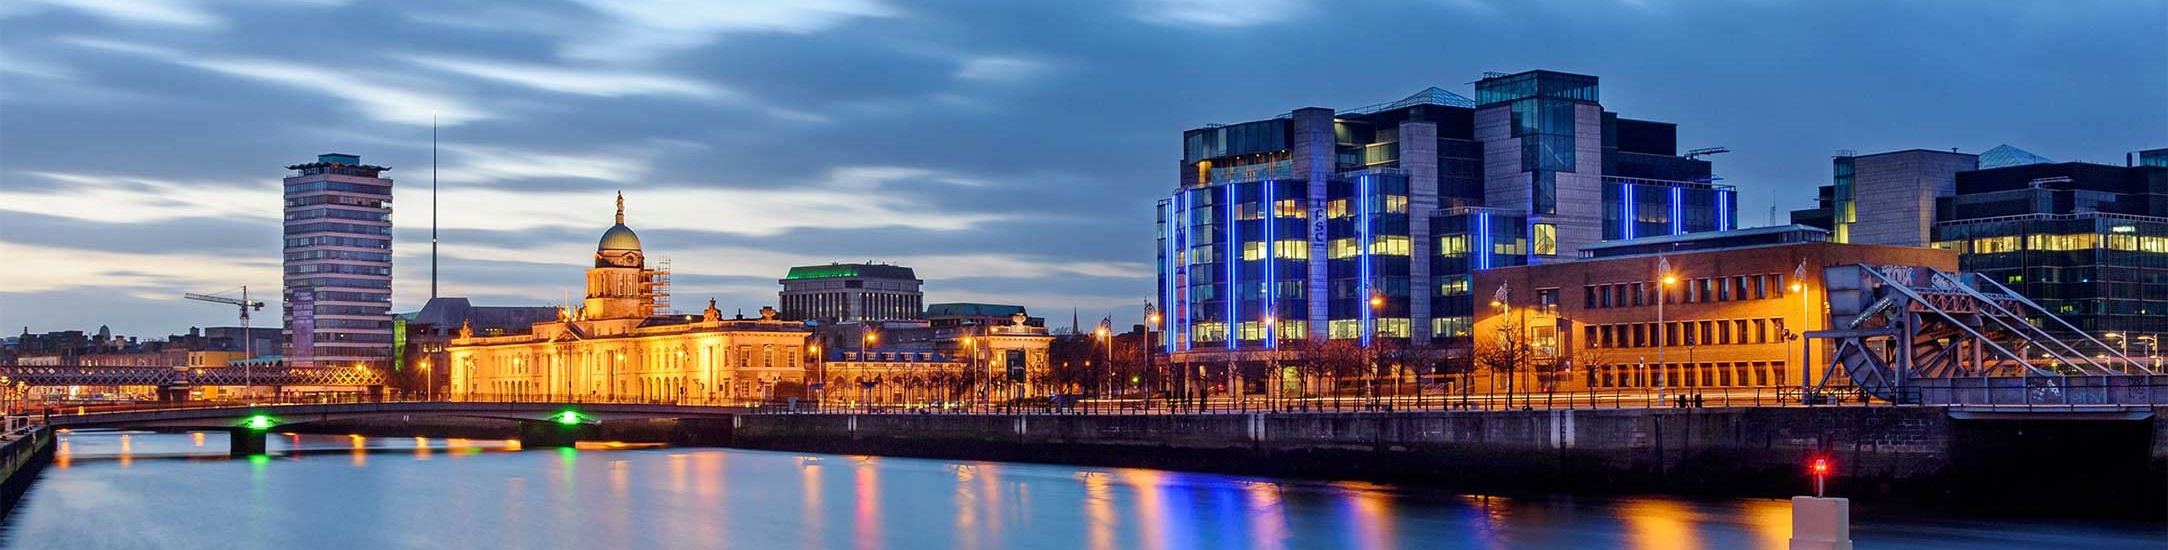 Generation-Digital-Dublin1.jpg